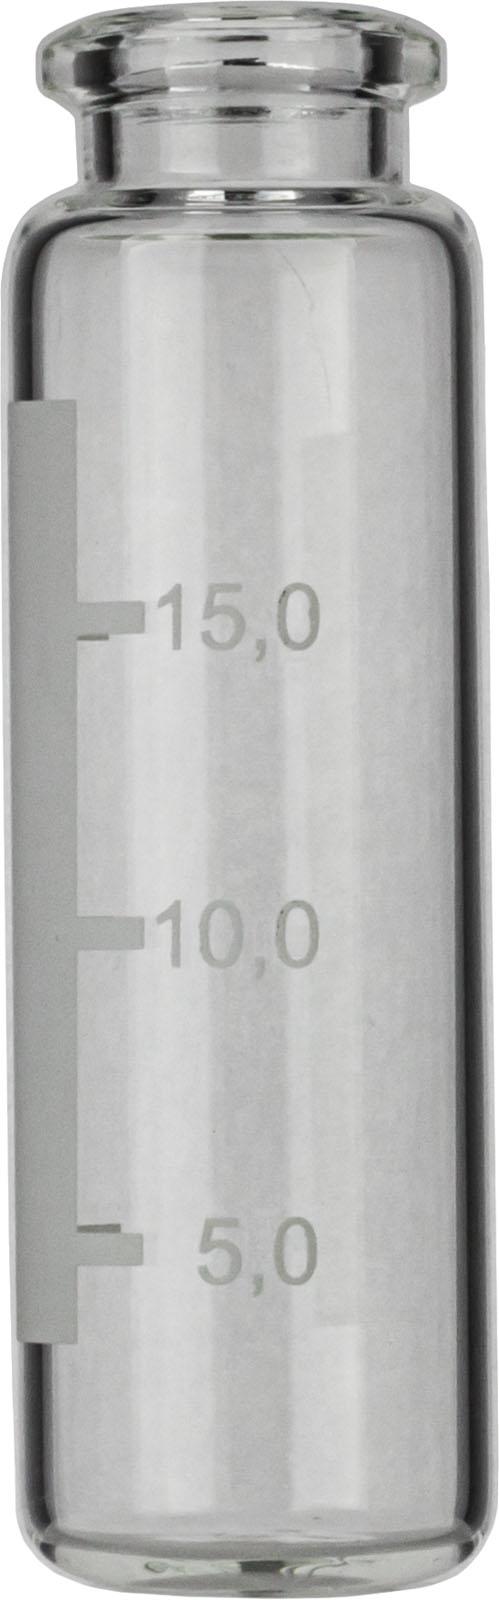 Vial N20-20, RR, k,23x75,5, r, HS(PE) SF